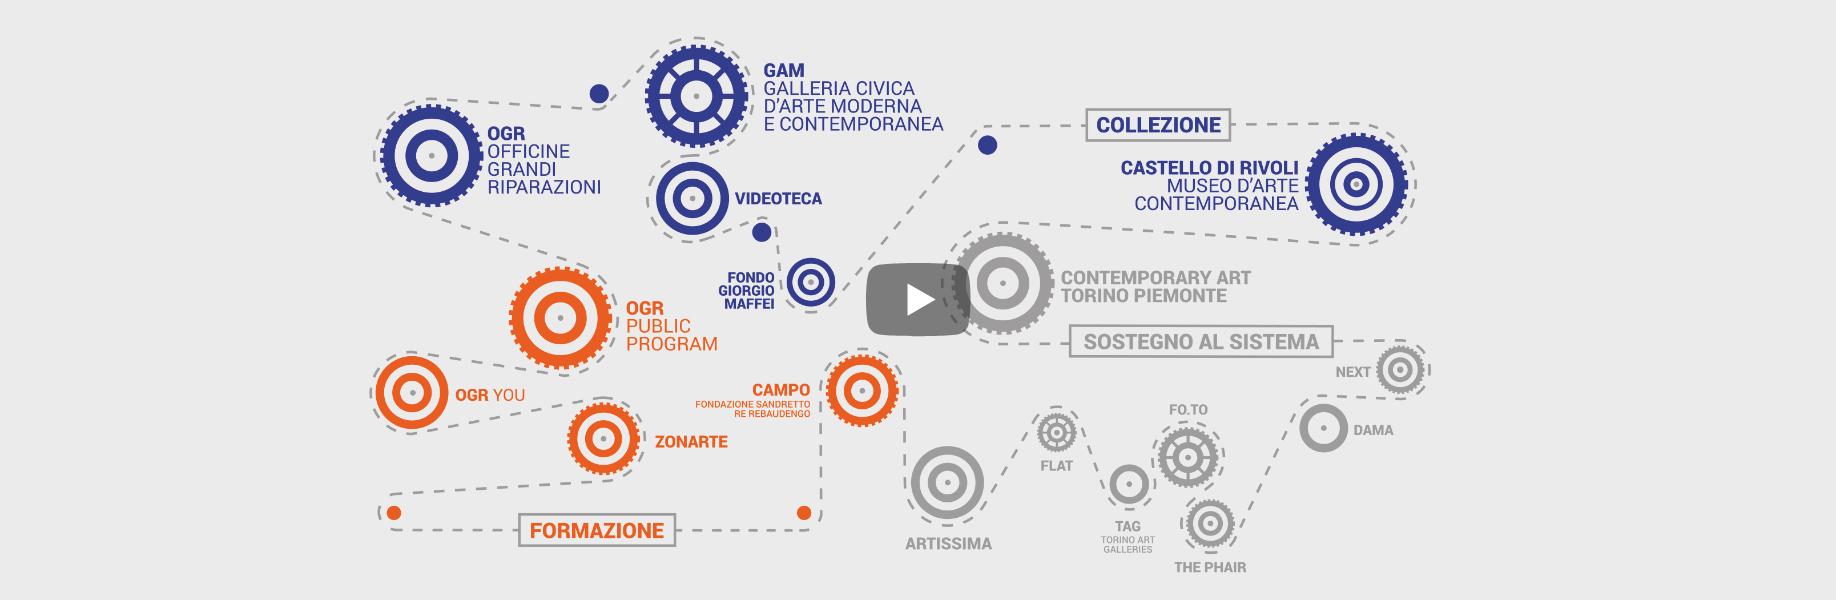 Progetti Fondazione Arte CRT